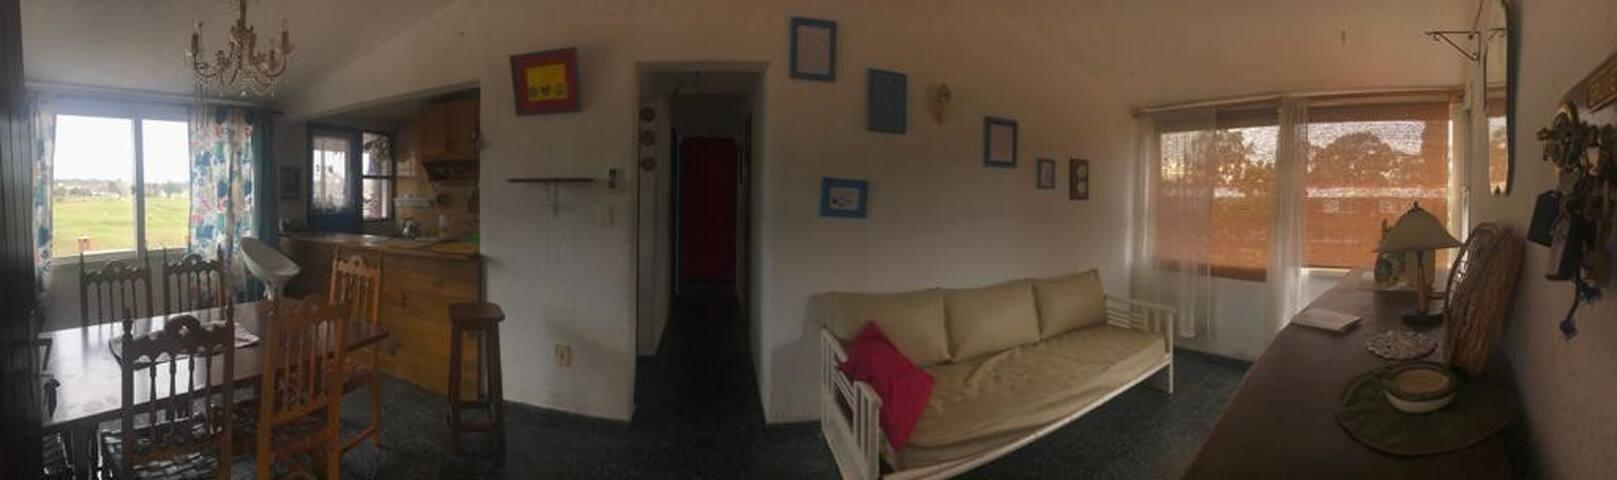 Apartamento 4 Ambientes en Barrio privado.